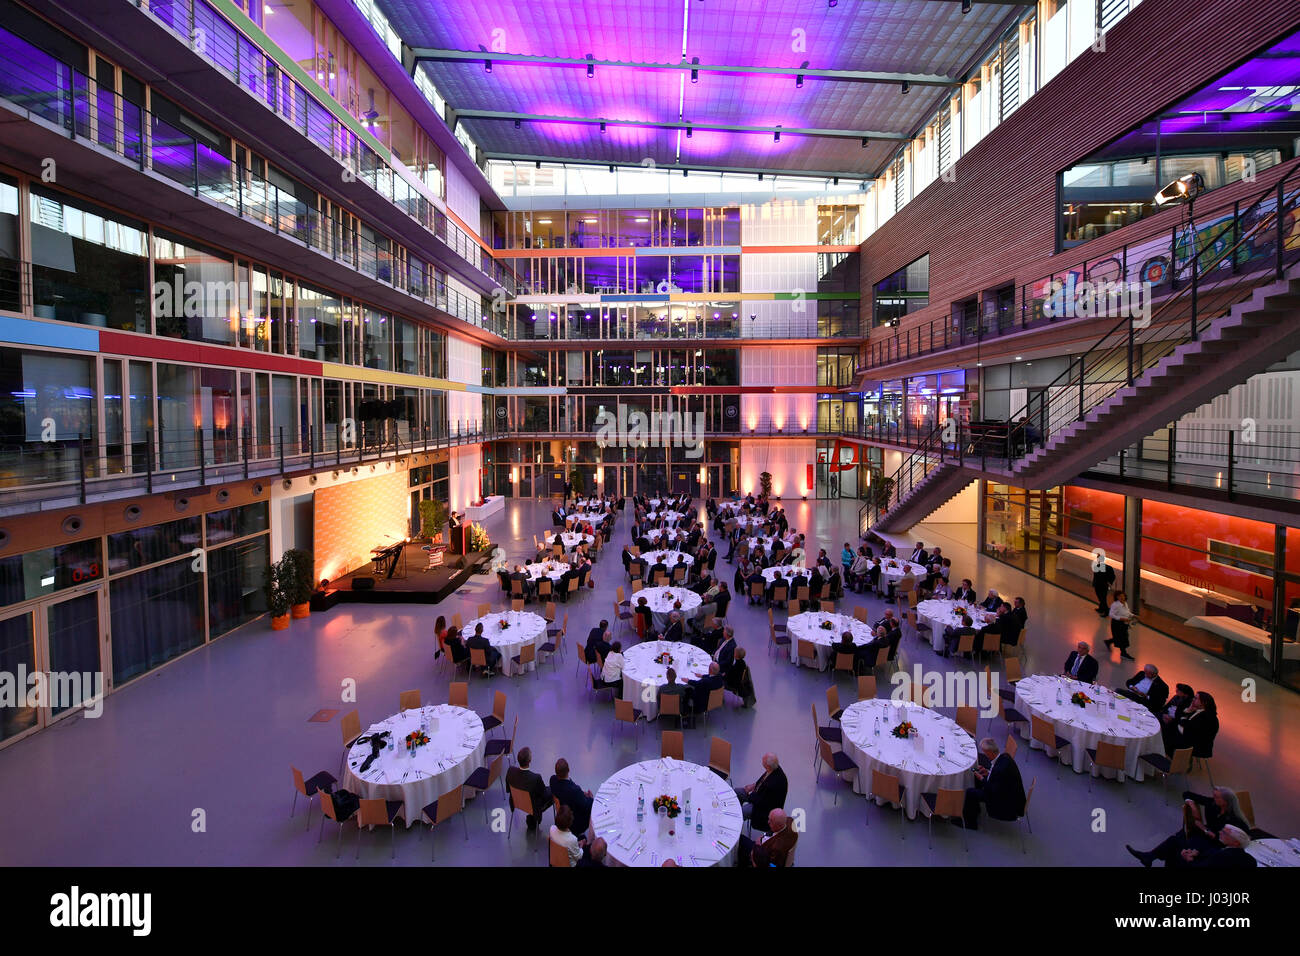 Festliche Beleuchtung, SpOrt, Haus des Sports, Stuttgart, Baden-Württemberg, Deutschland Stockbild